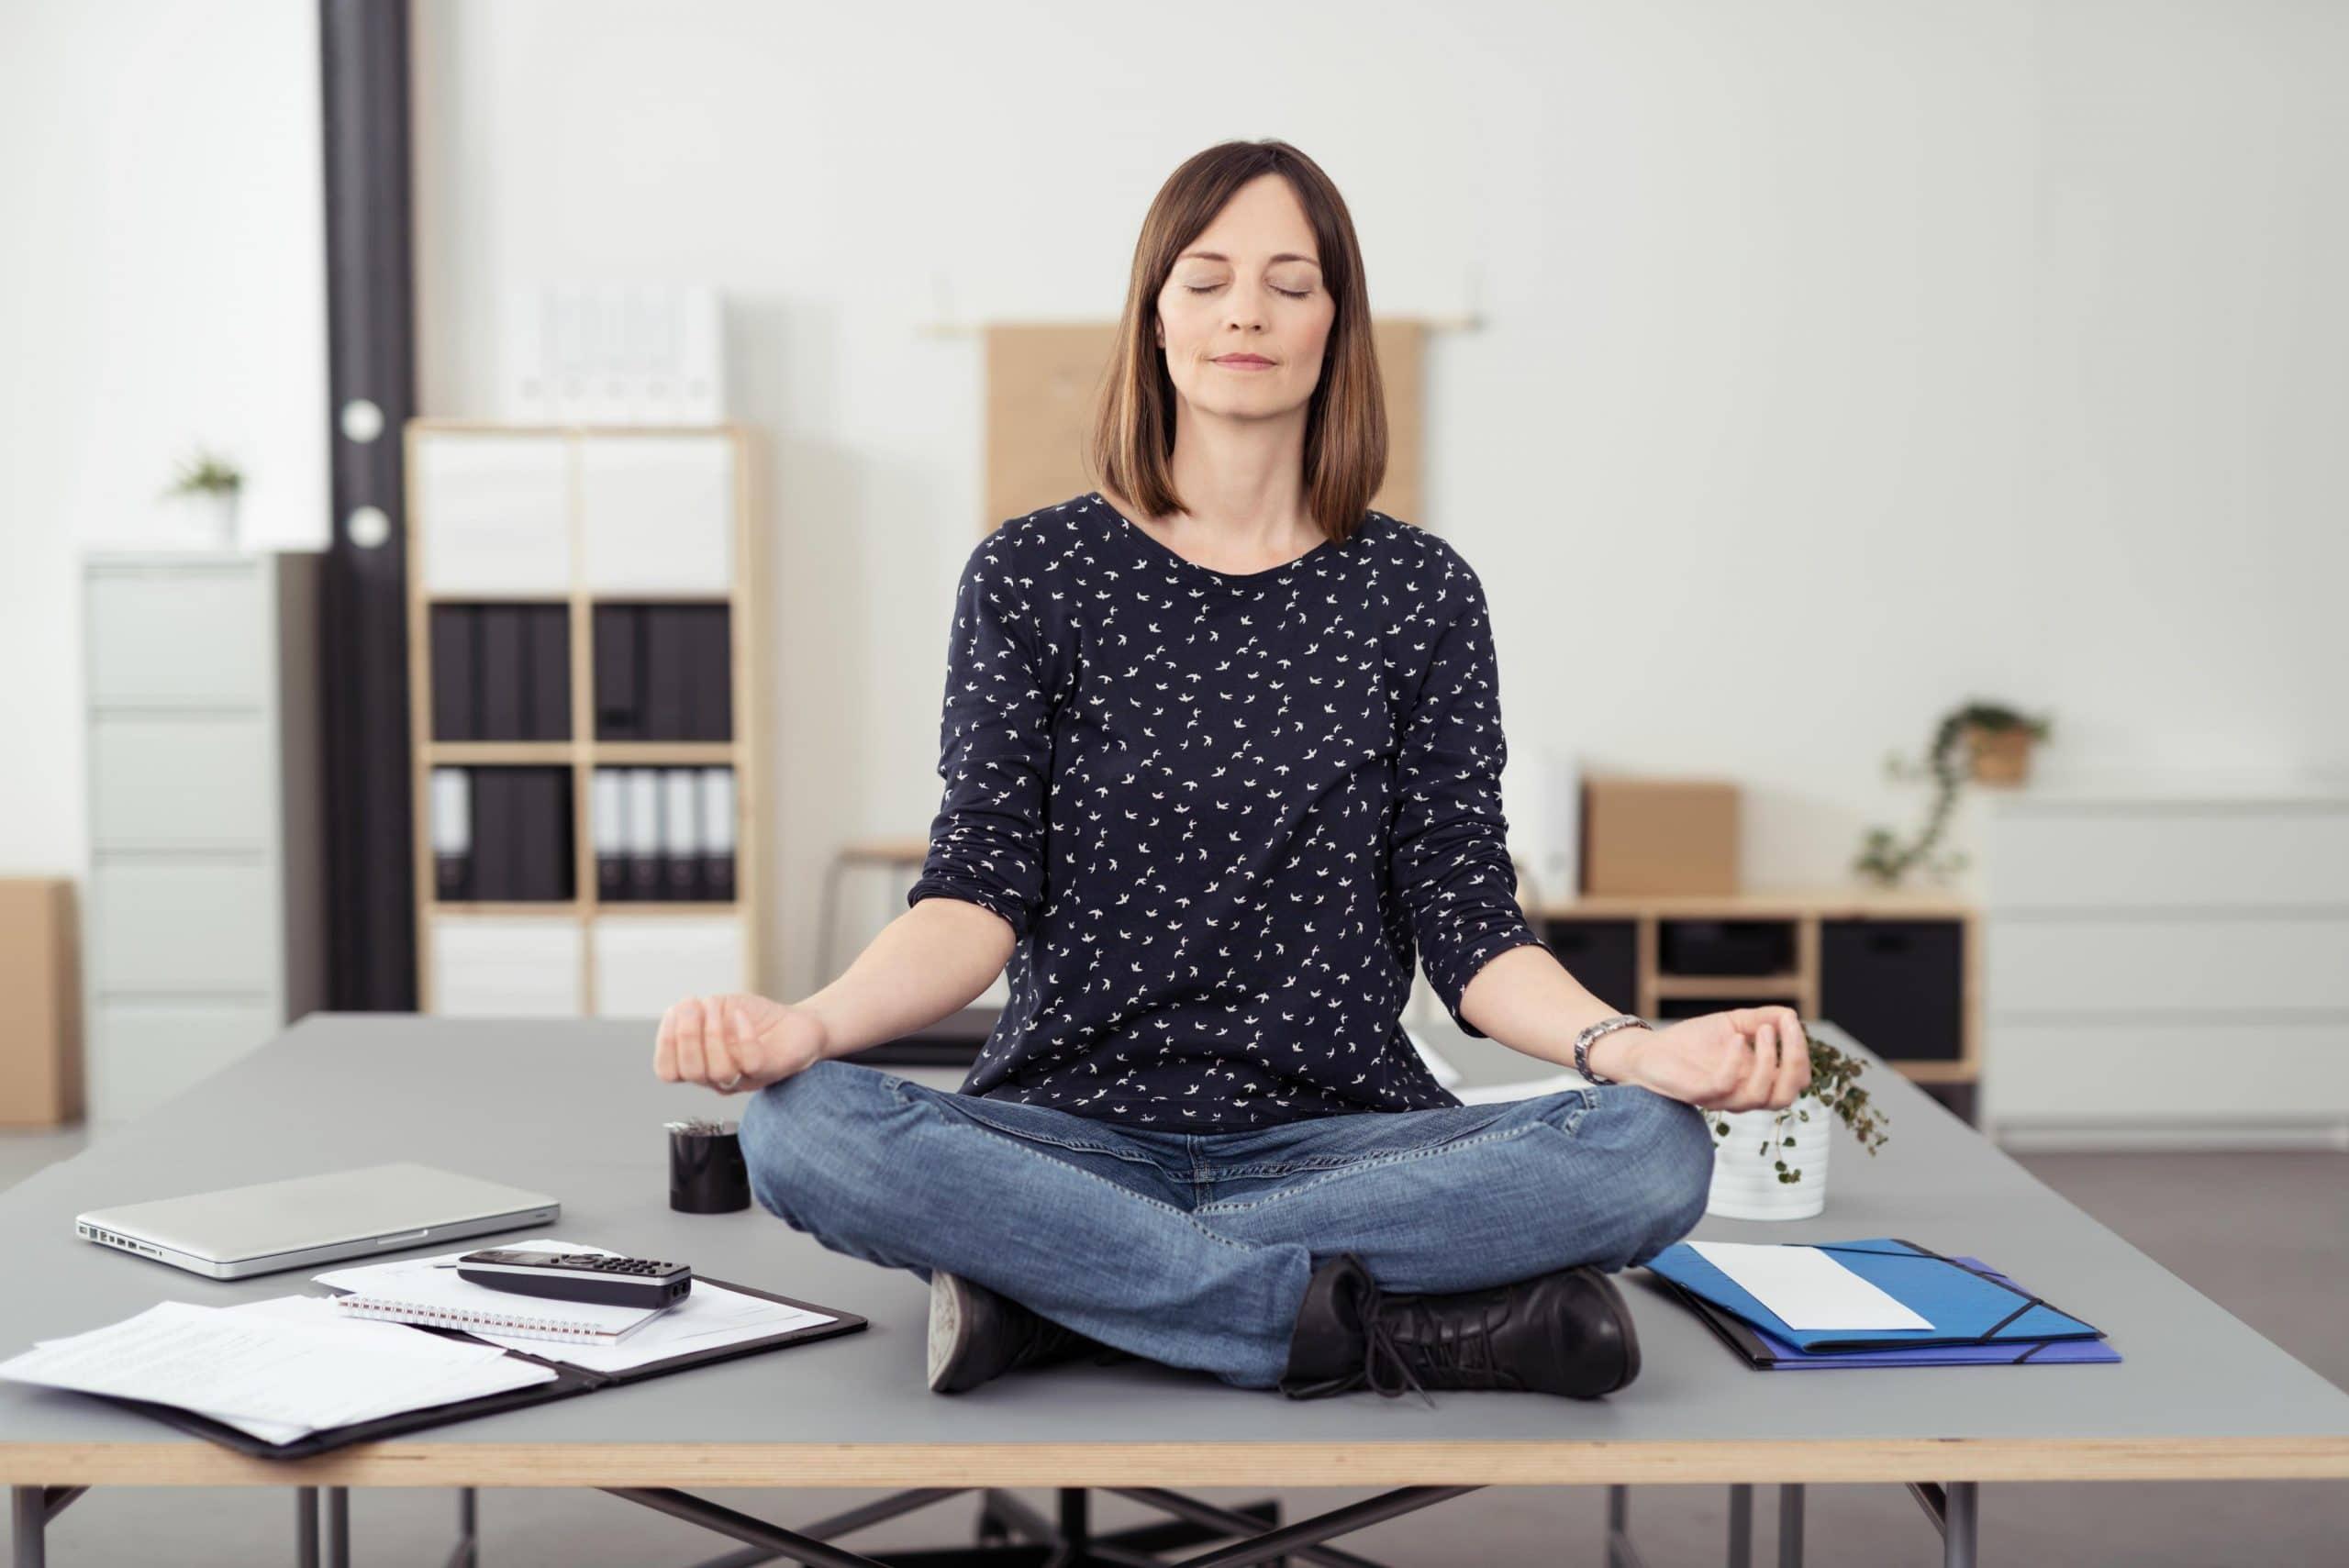 Mulher praticando yoga no escritório em cima da mesa.